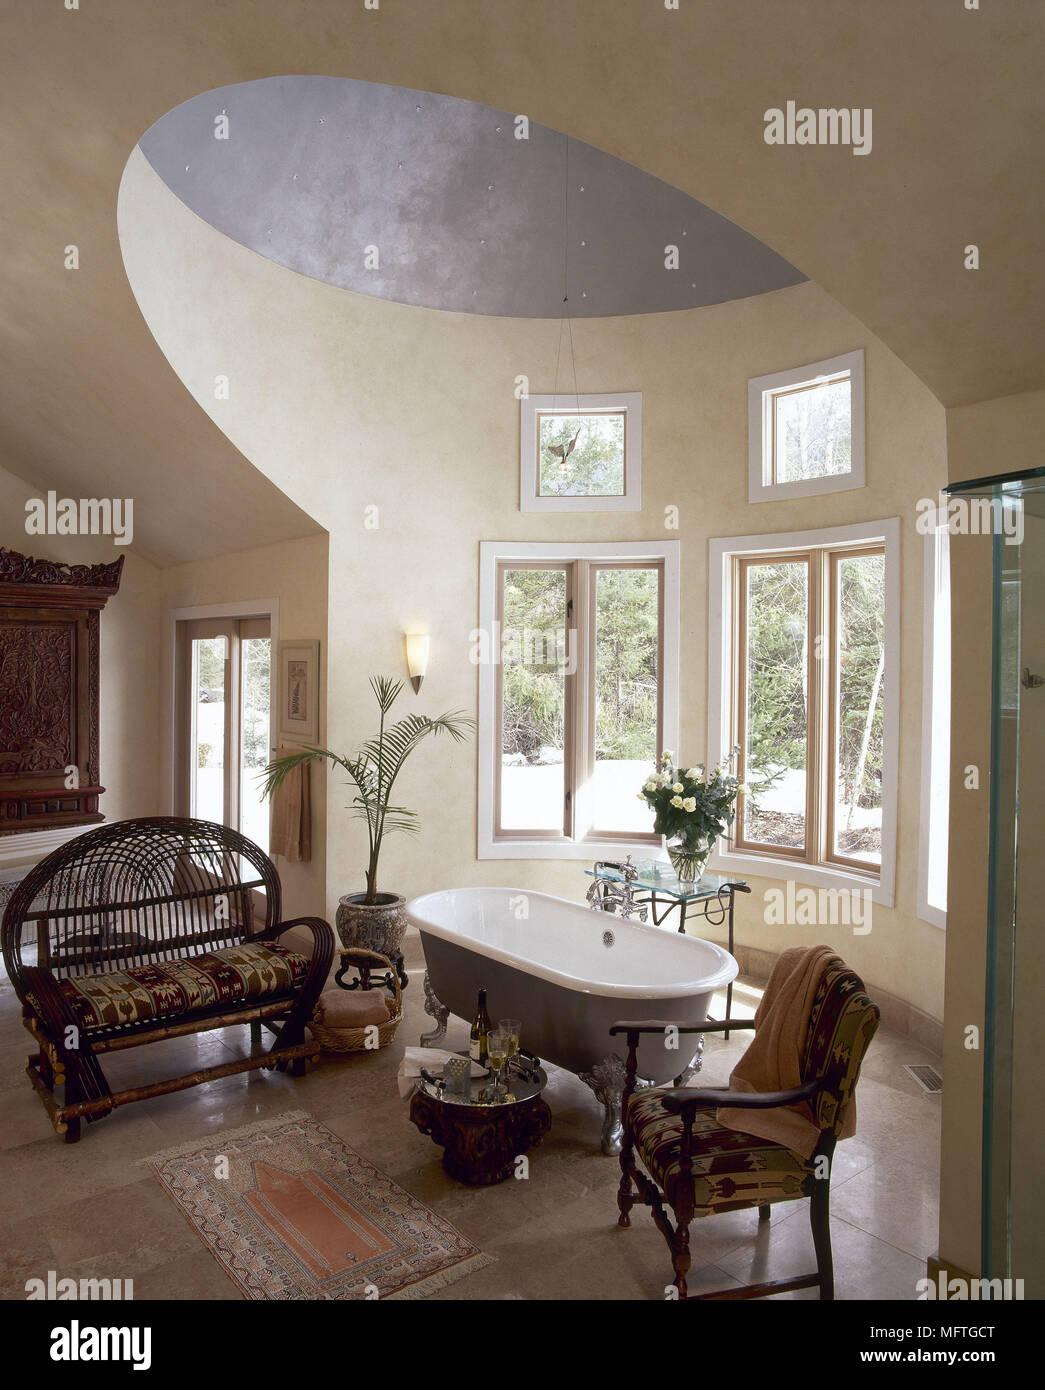 Traditionelle Badezimmer Freistehende Badewanne Hohe, Gewölbte Decke  Korbmöbel Einrichtung Bäder Bäder